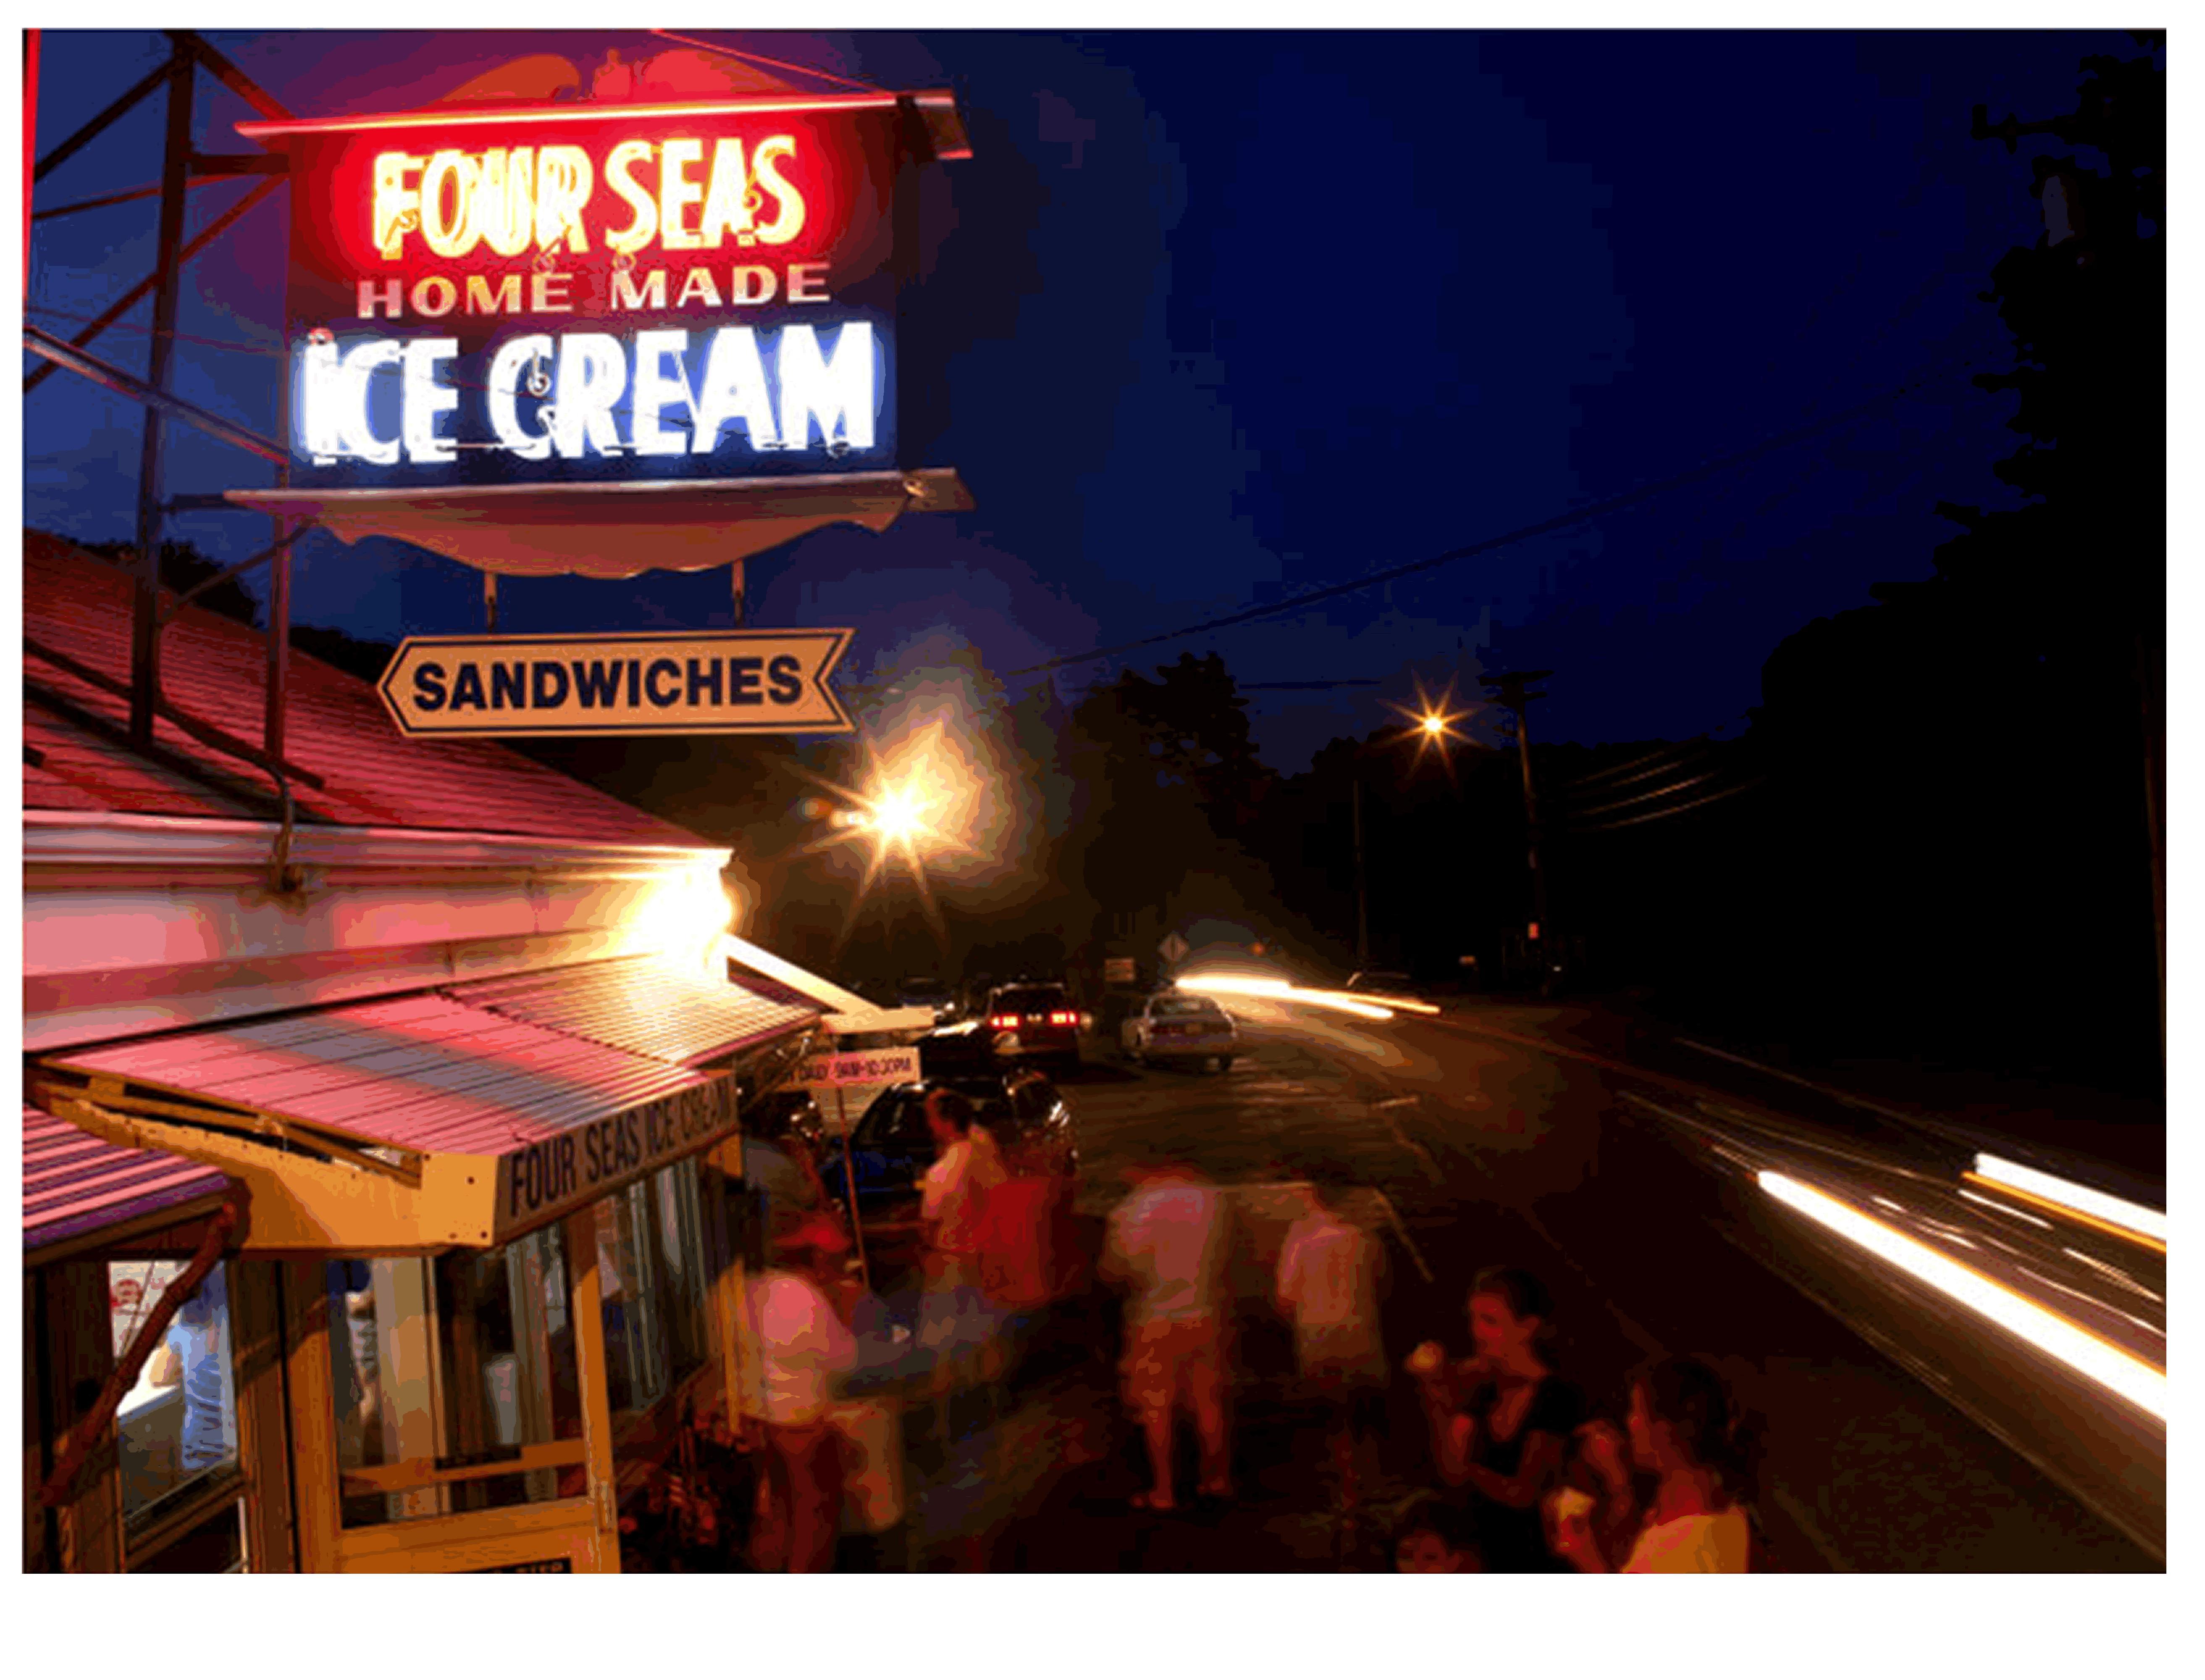 Four  Seas Ice Cream - Cape Cod - @ night at Four Seas Ice Cream